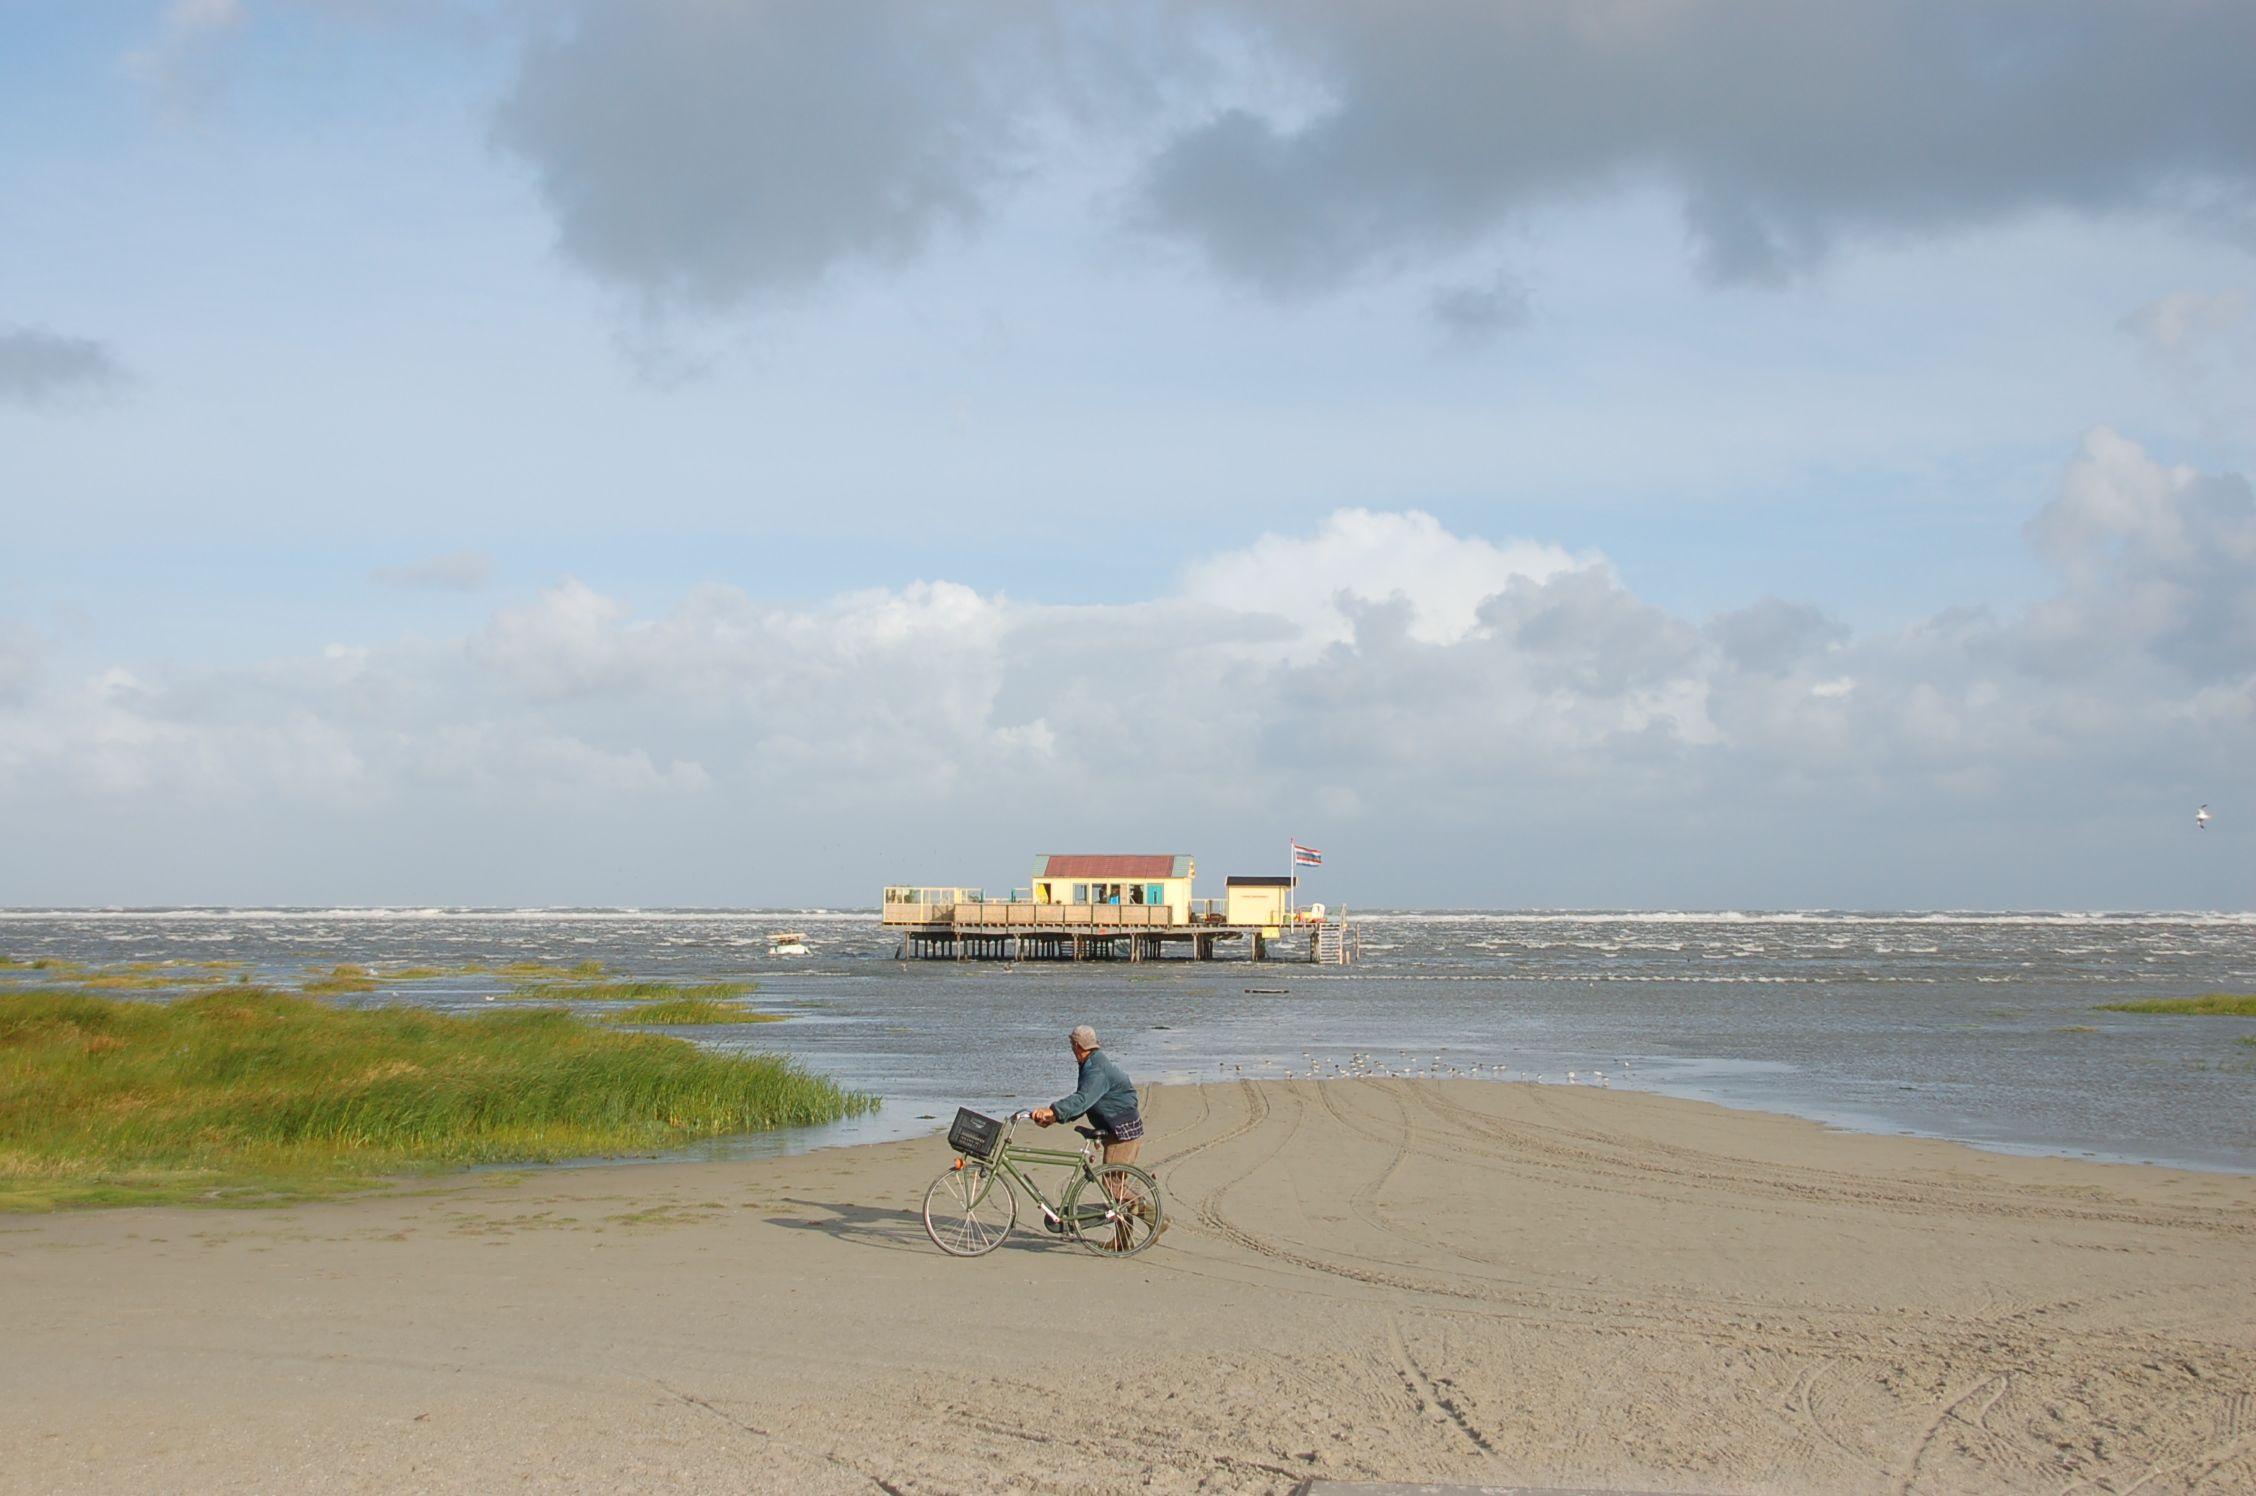 Einsame Strände an der niederländischen Nordseeküste